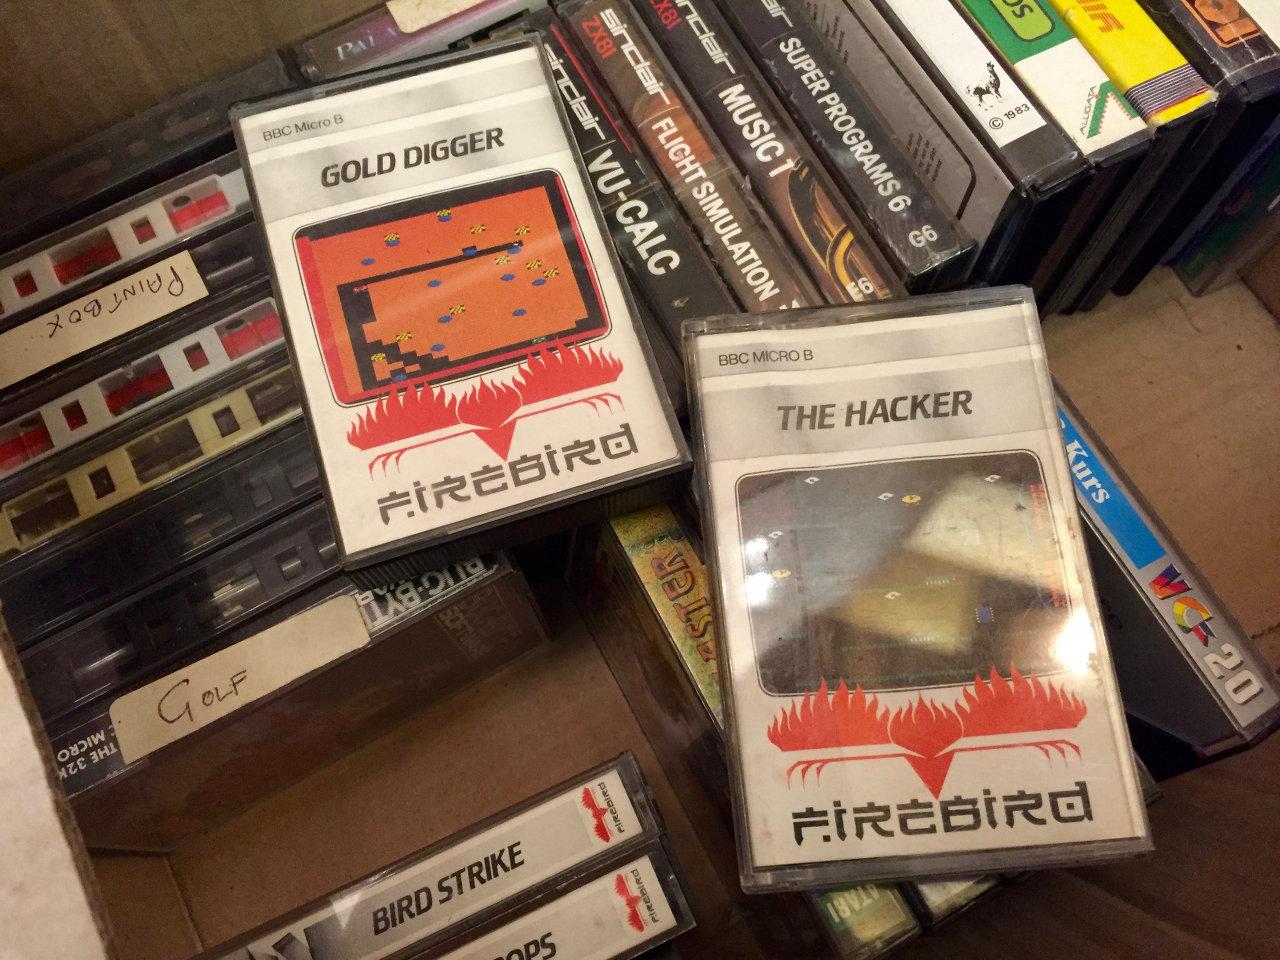 Rare BBC Micro B Spielkassetten von Firebird. (Bild: André Eymann)